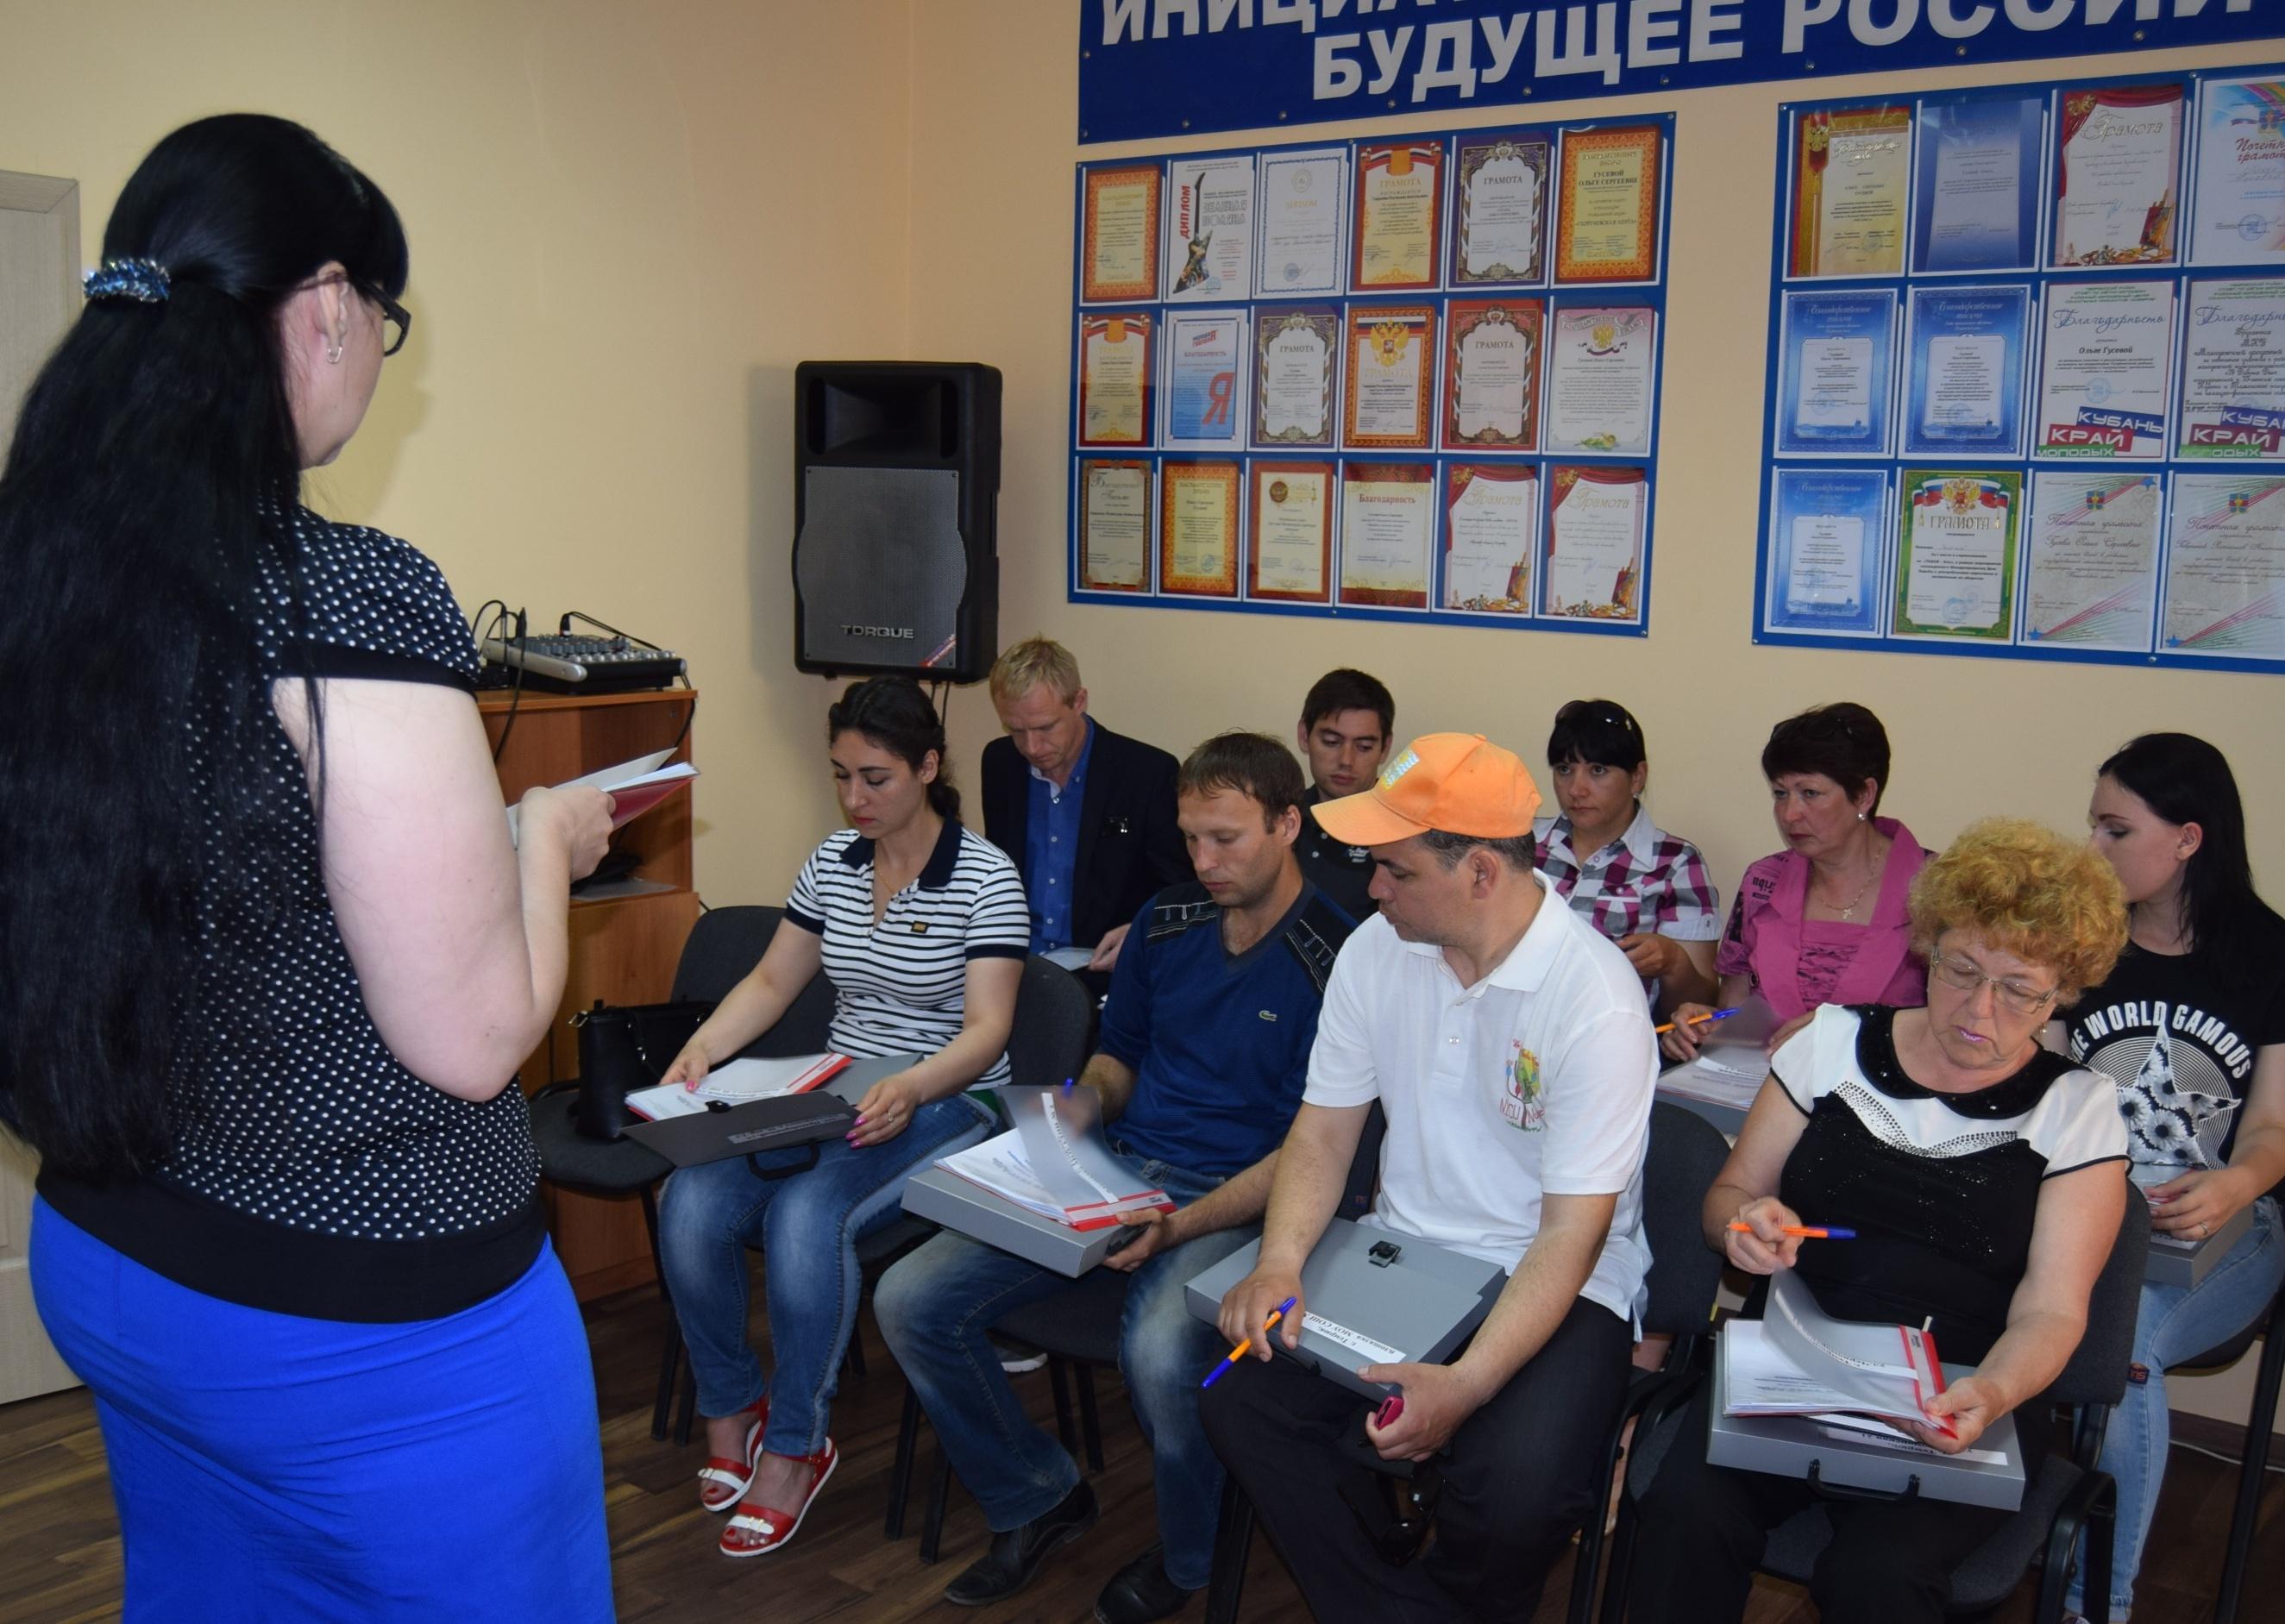 Новости здравоохранения в московской области